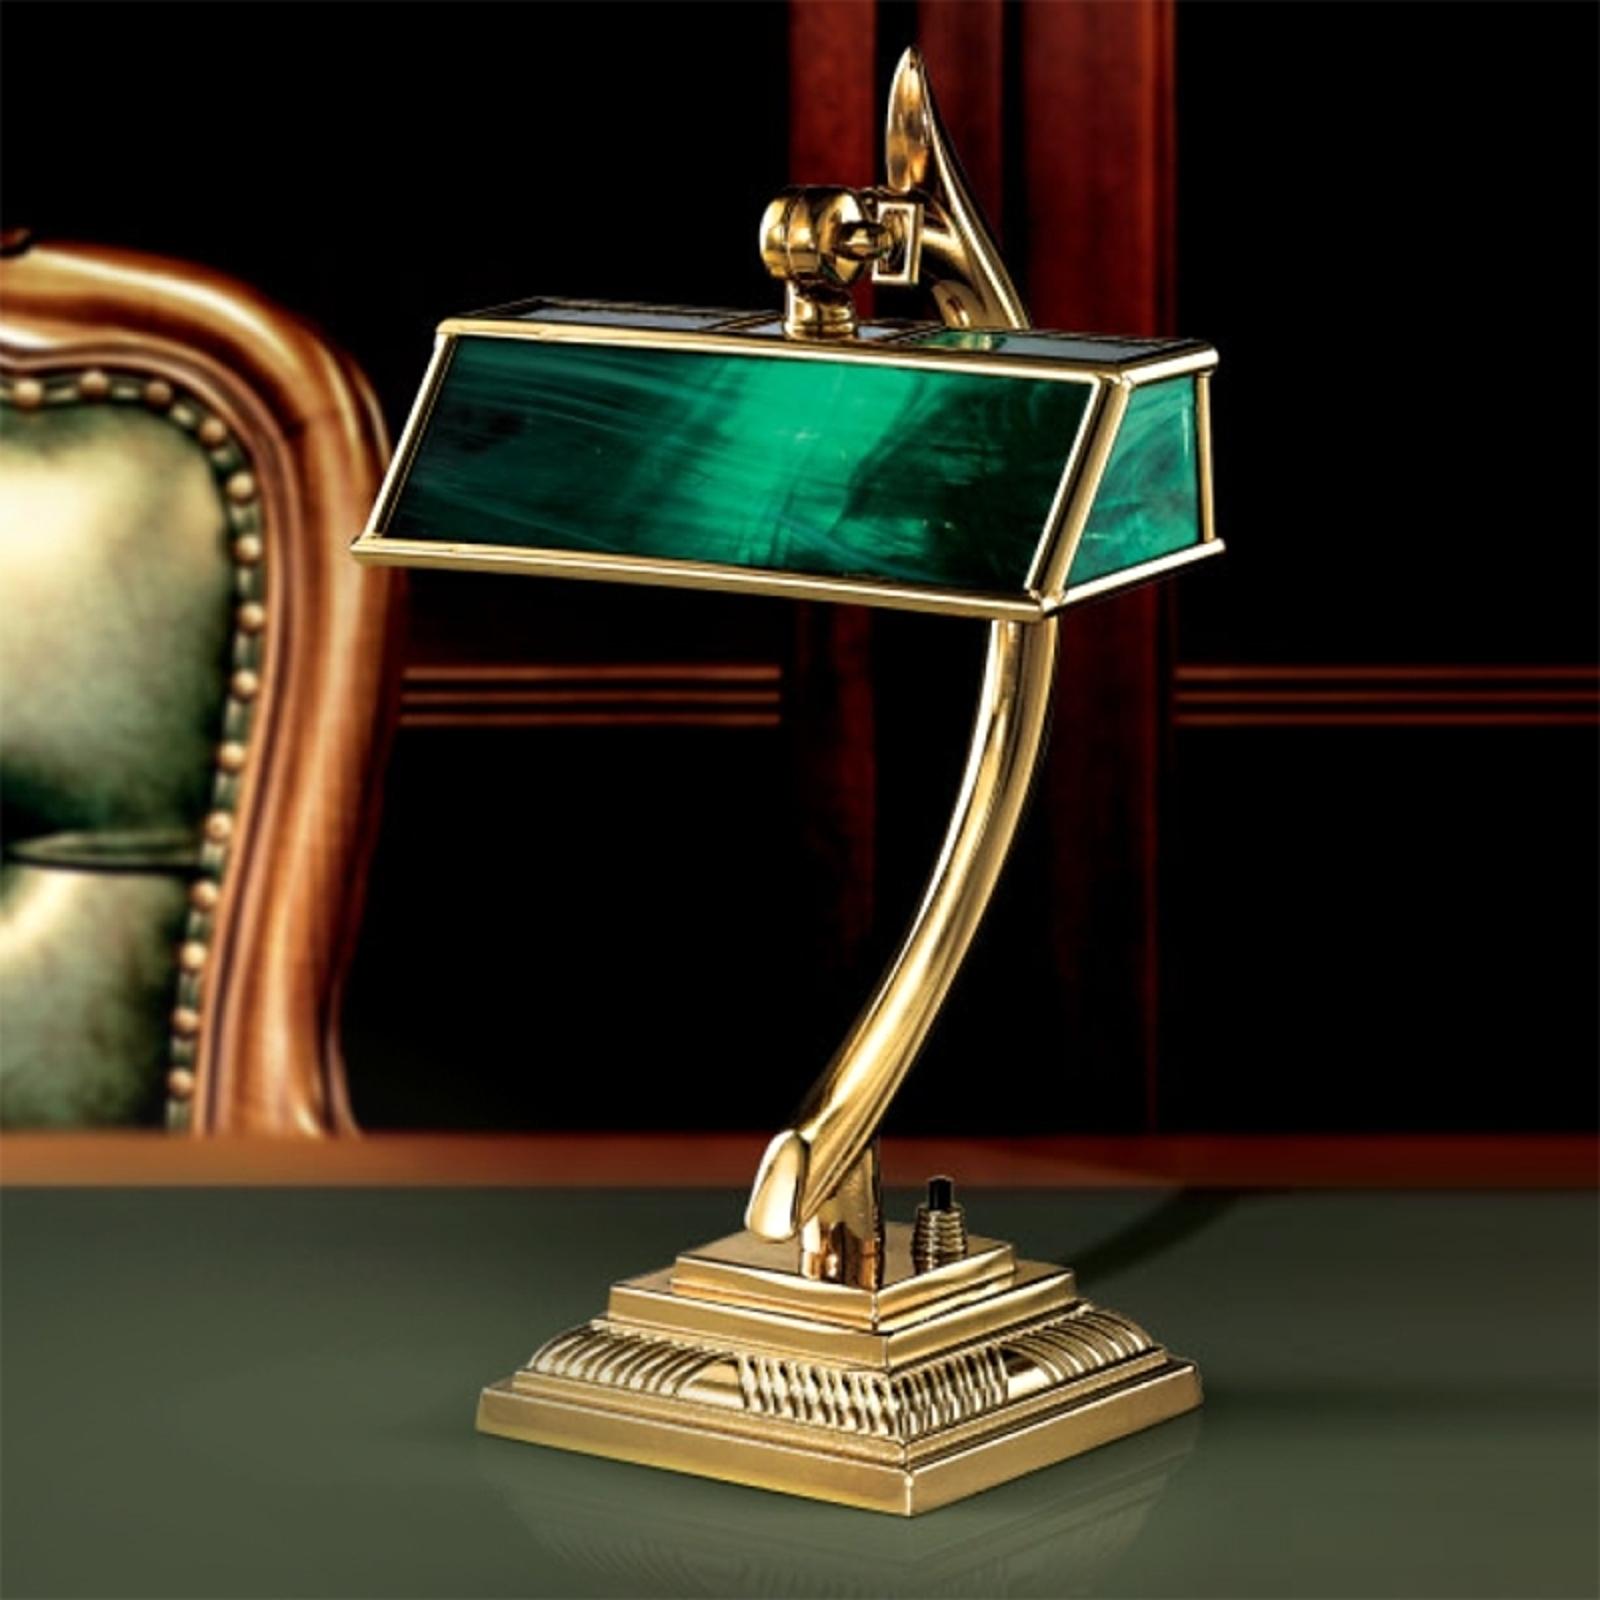 Lampe à poser typique Antiko